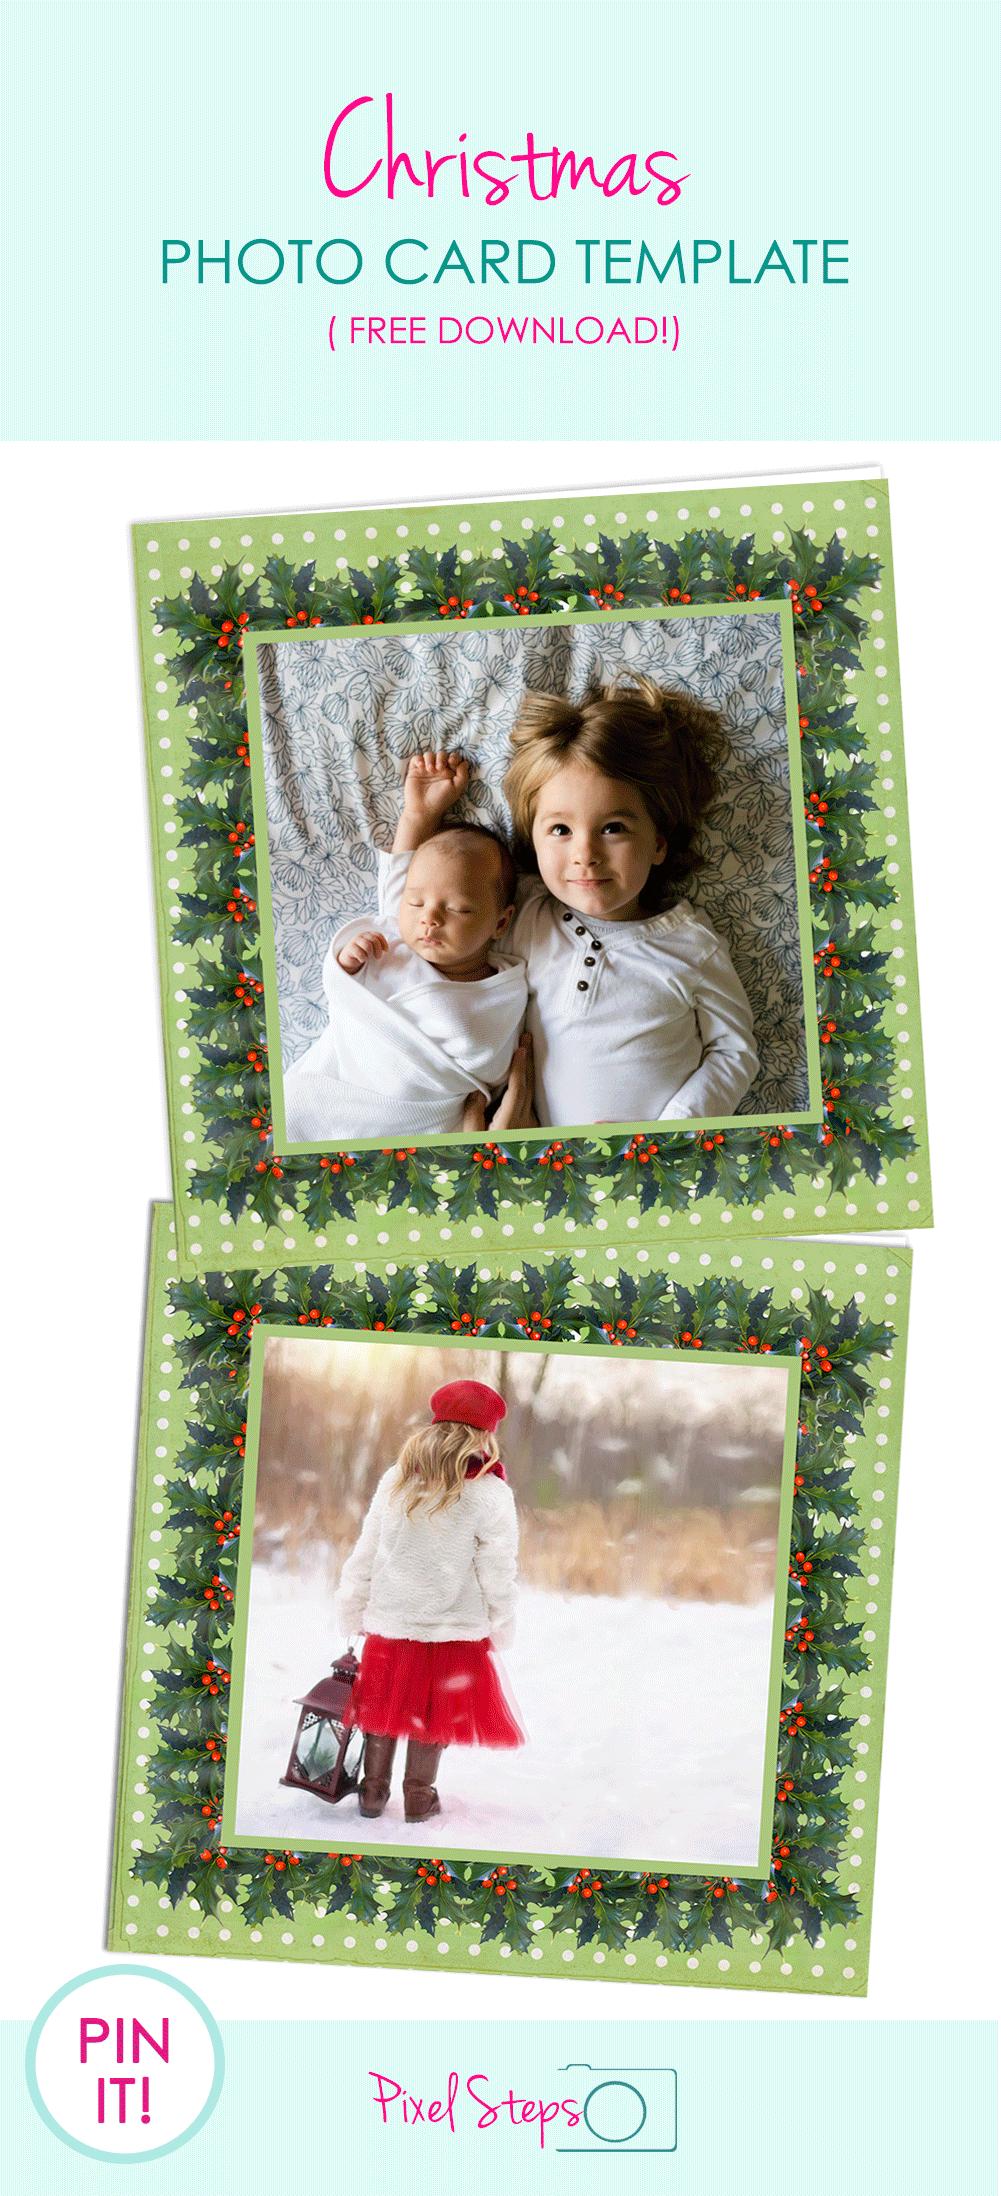 Christmas Card Template; Free Printable Photo Greeting